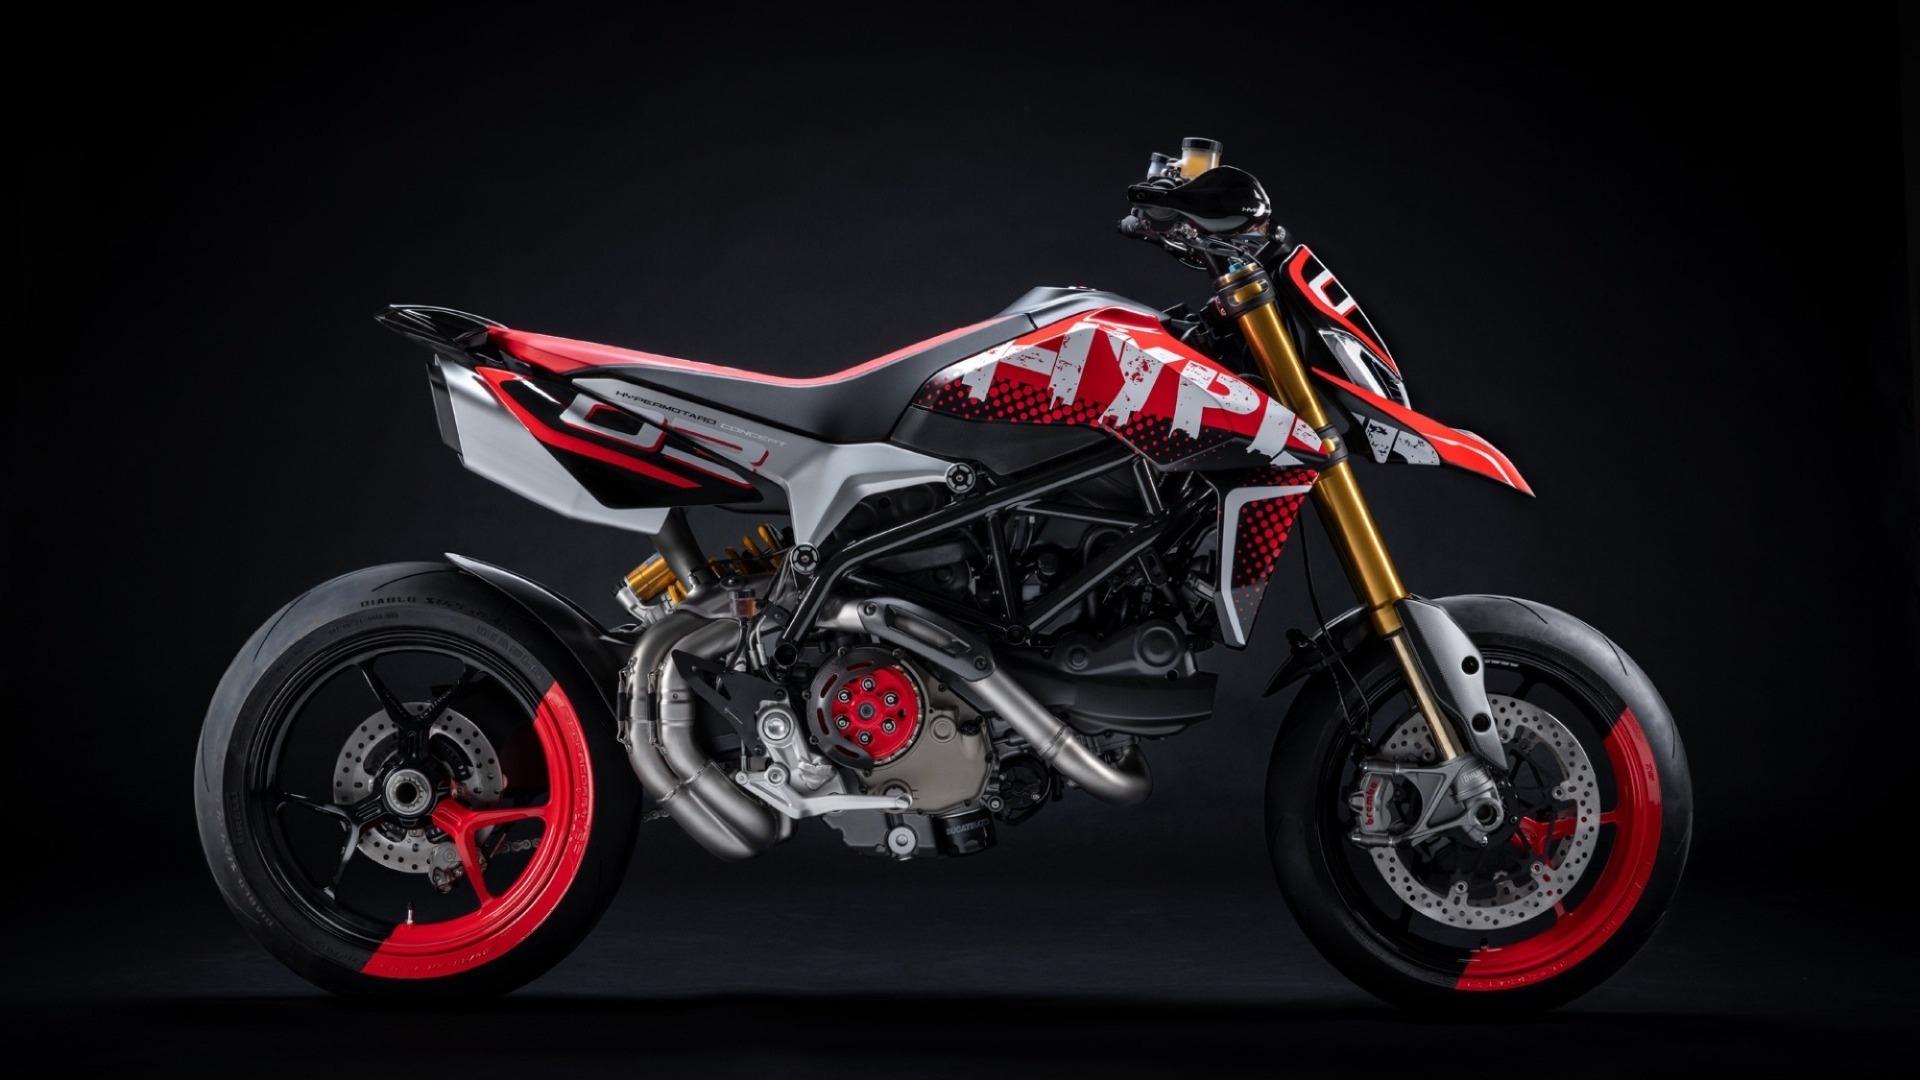 Ducati sorprende con la Ducati Hypermotard 950 Concept